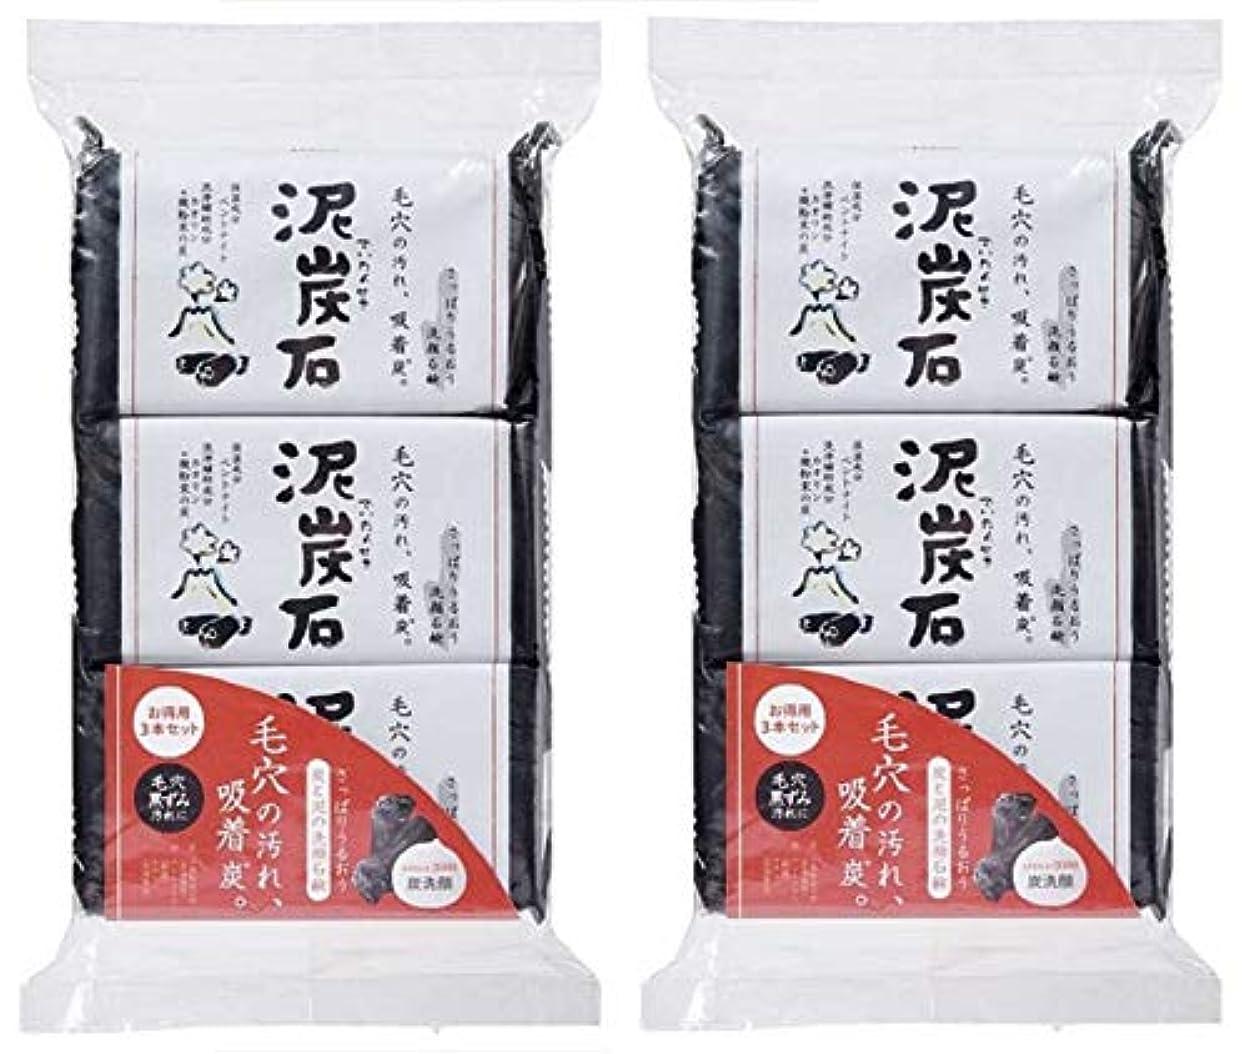 マラドロイト膨張する消費(まとめ買い)ペリカン石鹸 泥炭石 110g×3個 ×2セット